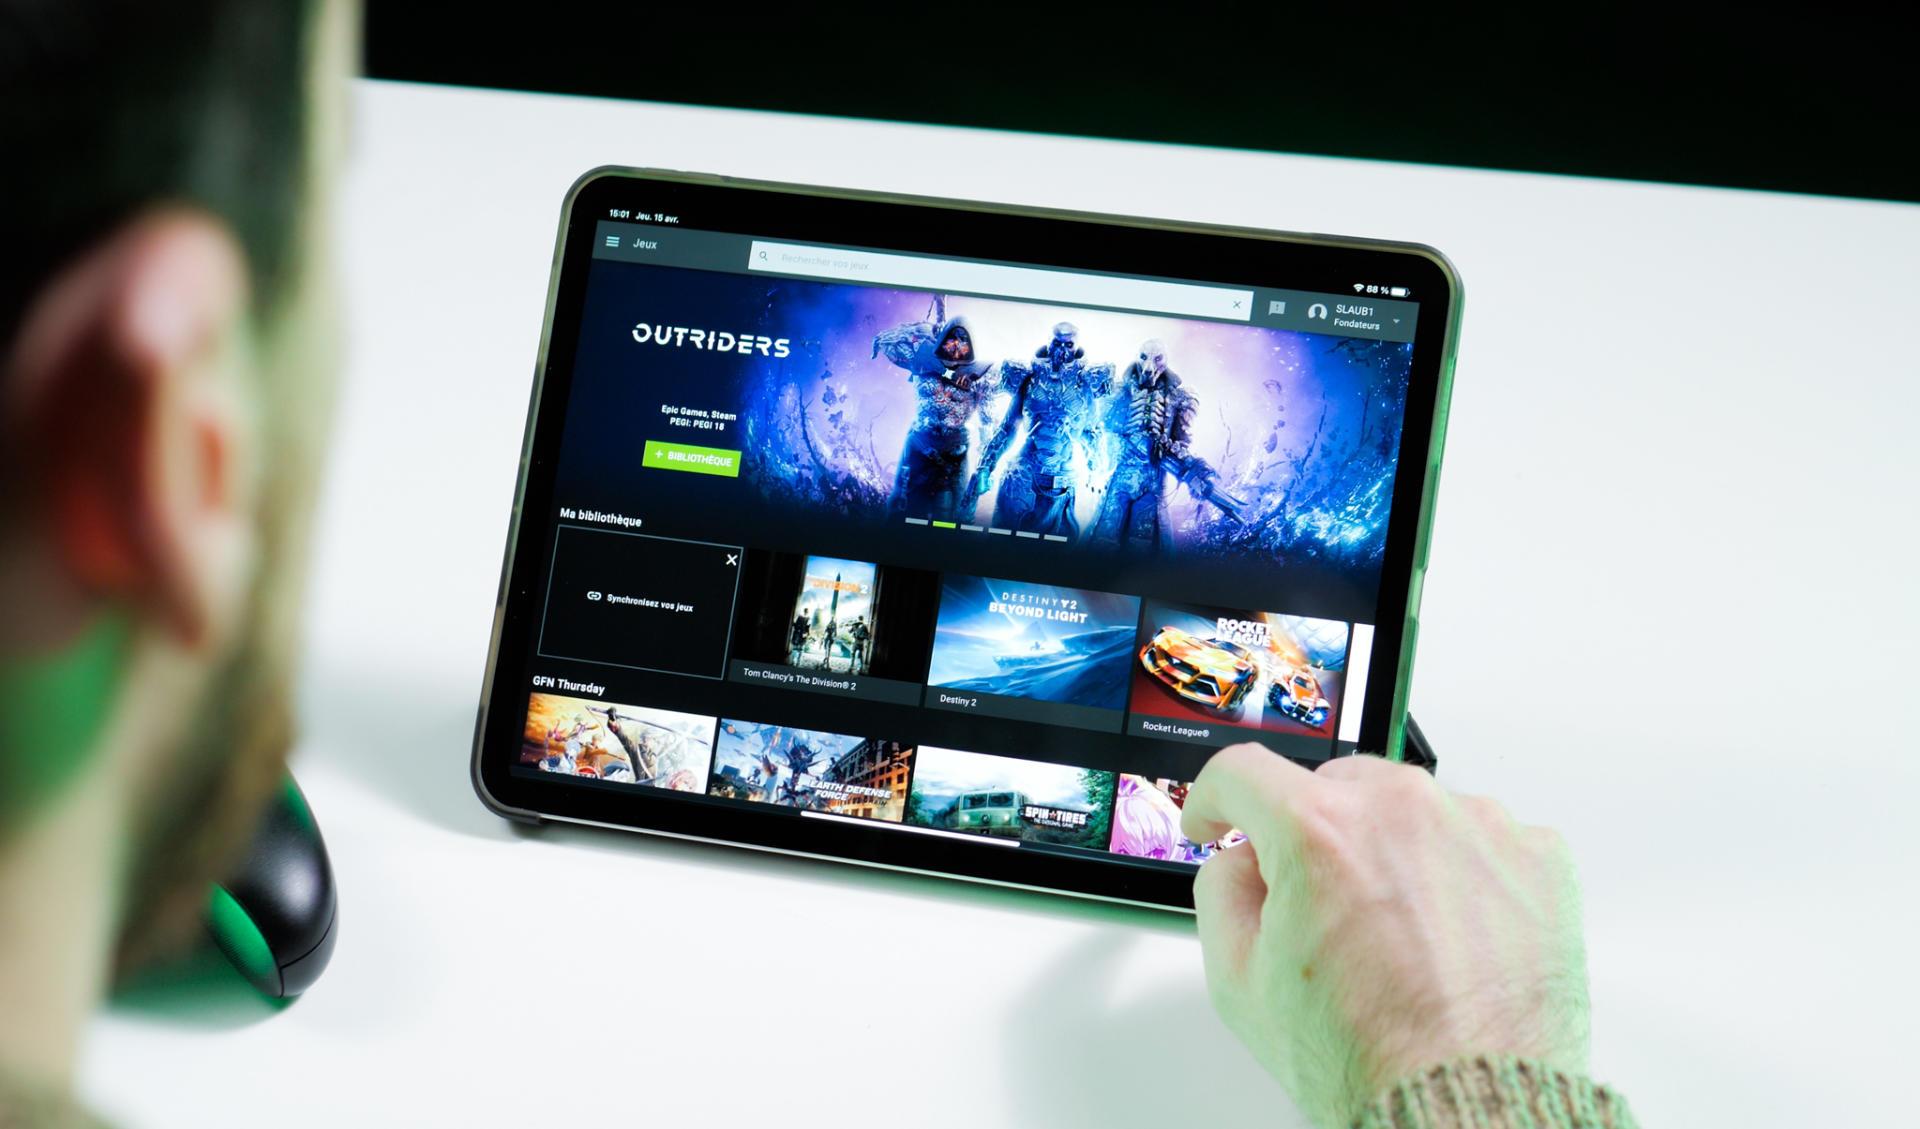 Ici le service GeForce Now de Nvidia sur l'iPad